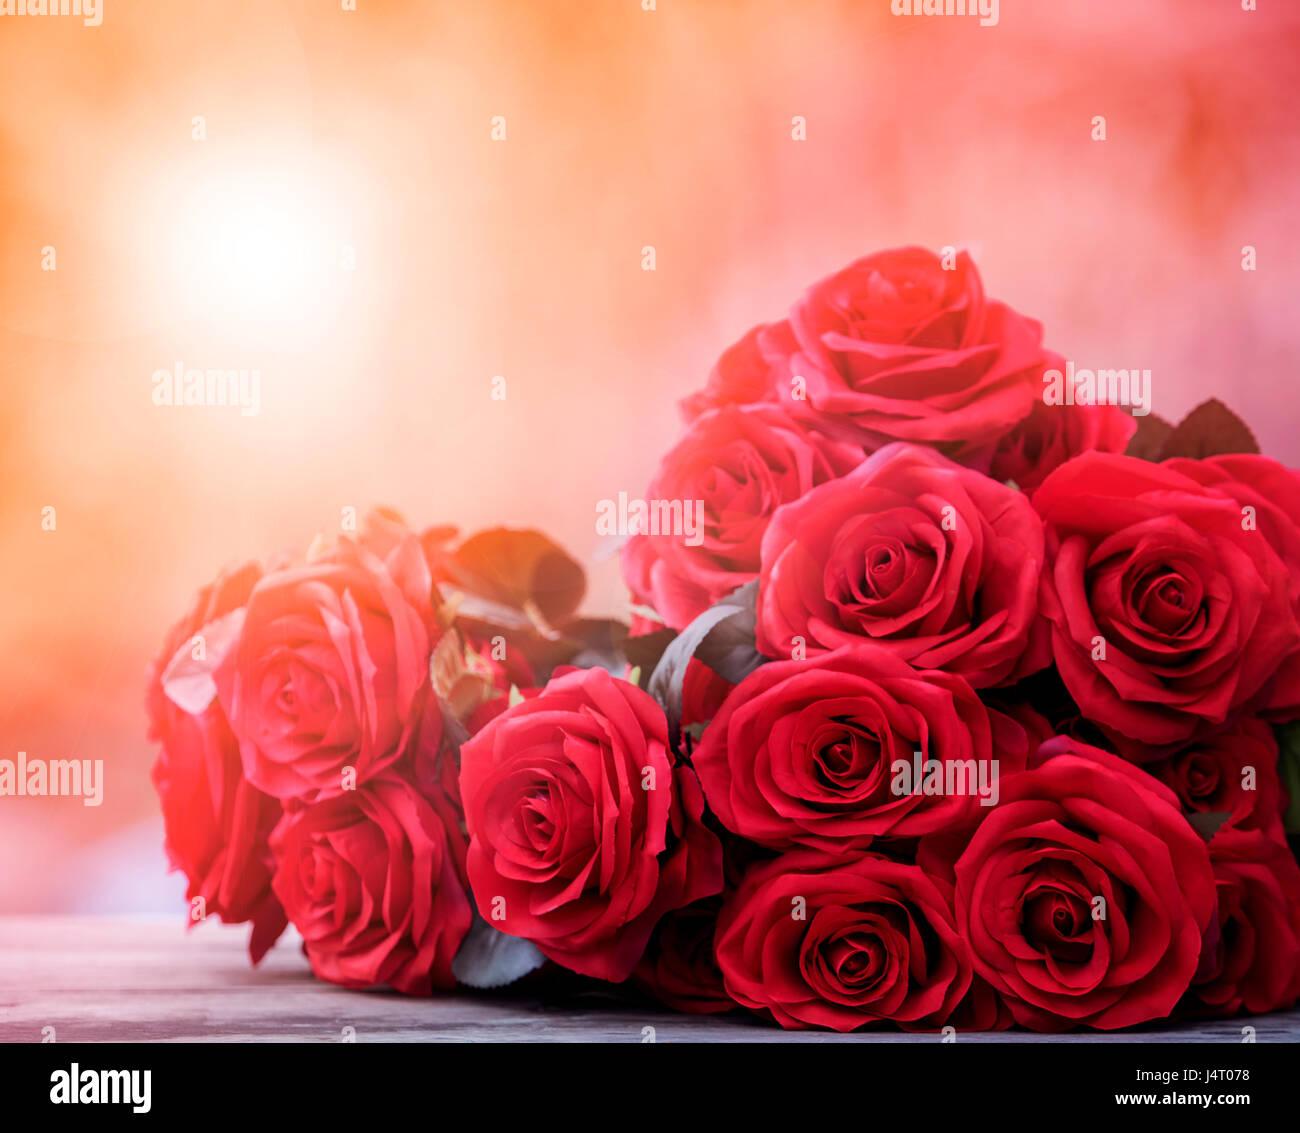 close up bellissime rose rosse bouguet con luce incandescente sfondo per il giorno di san valentino e tema damore